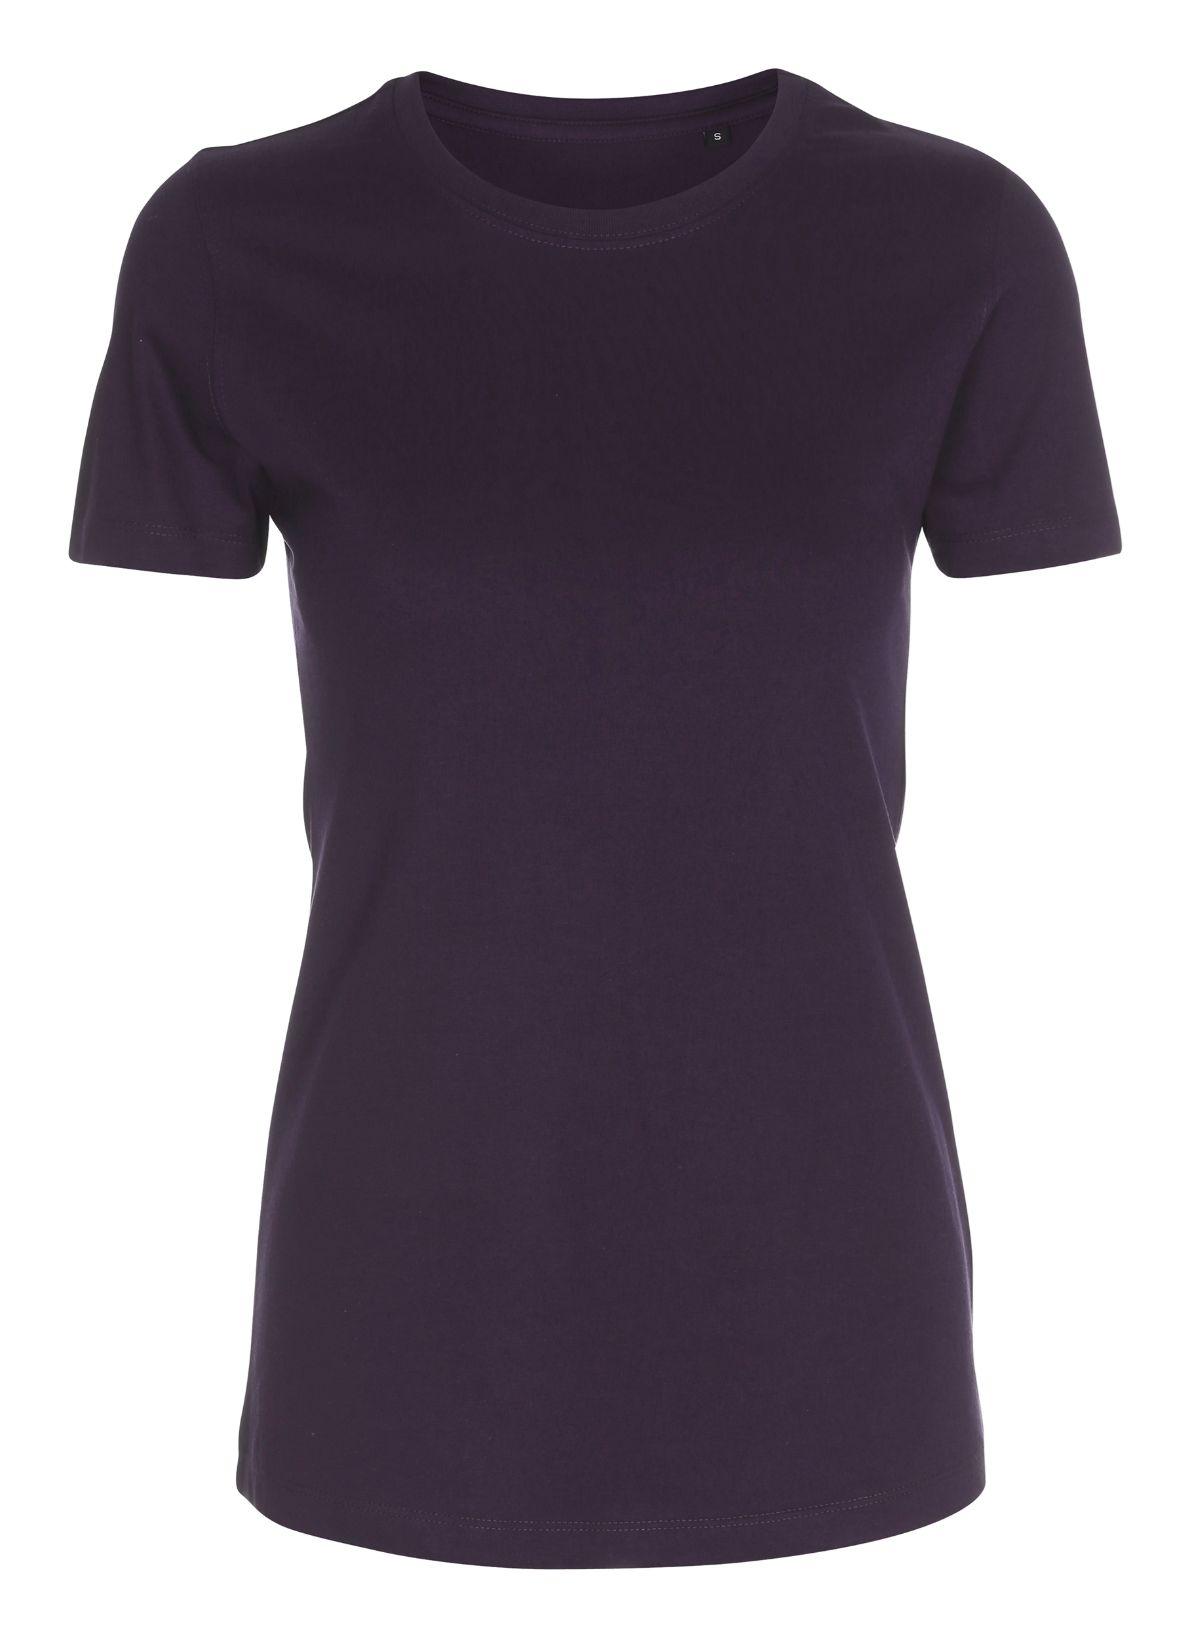 Billede af Slidstærk dame t-shirt 220 g.